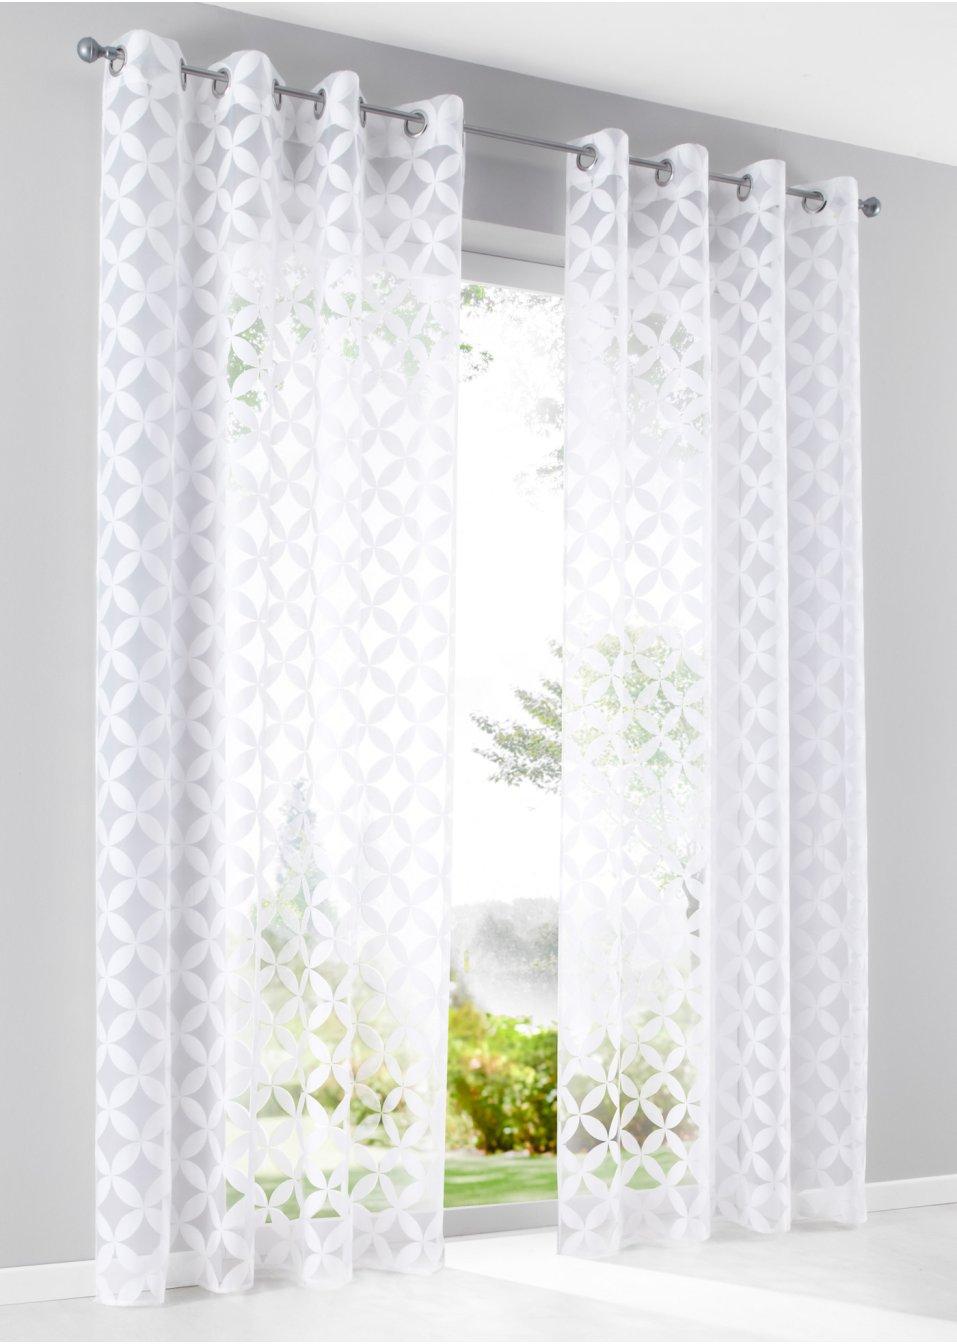 voilage samy 1 pce blanc bpc living commande online. Black Bedroom Furniture Sets. Home Design Ideas